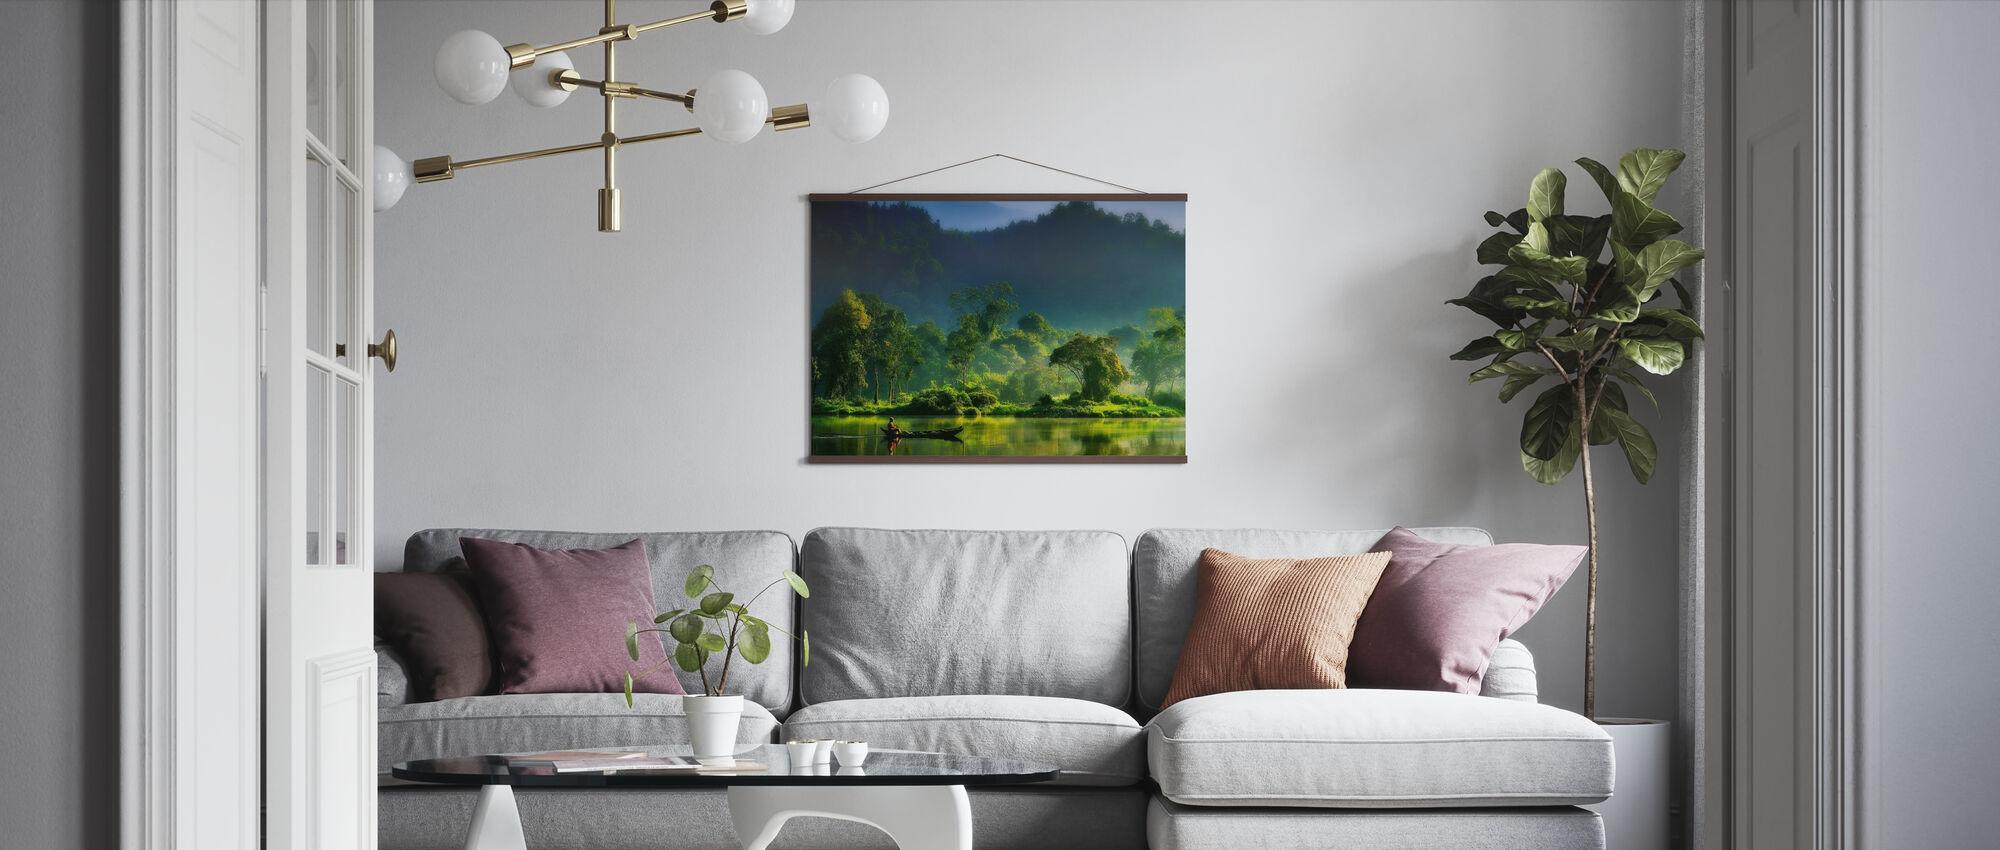 Malerei der Natur - Poster - Wohnzimmer